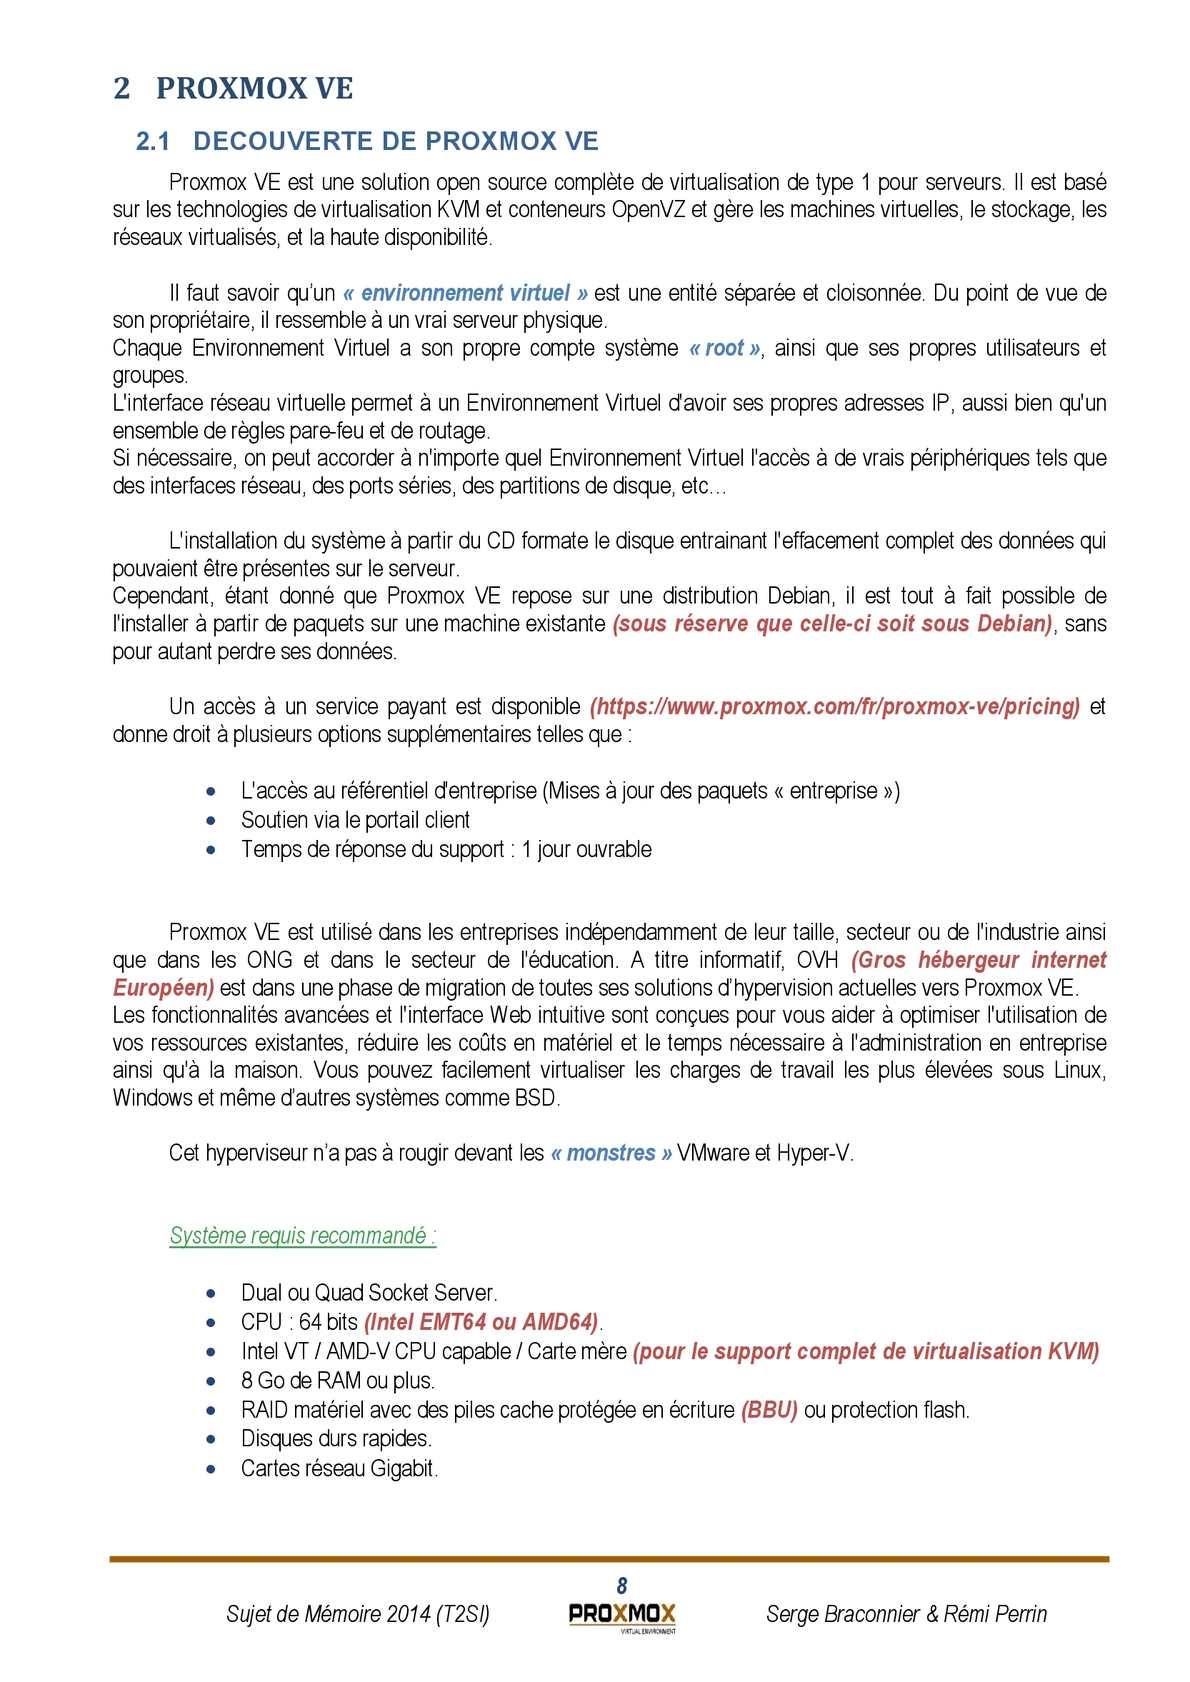 Mémoire : Proxmox VE - CALAMEO Downloader